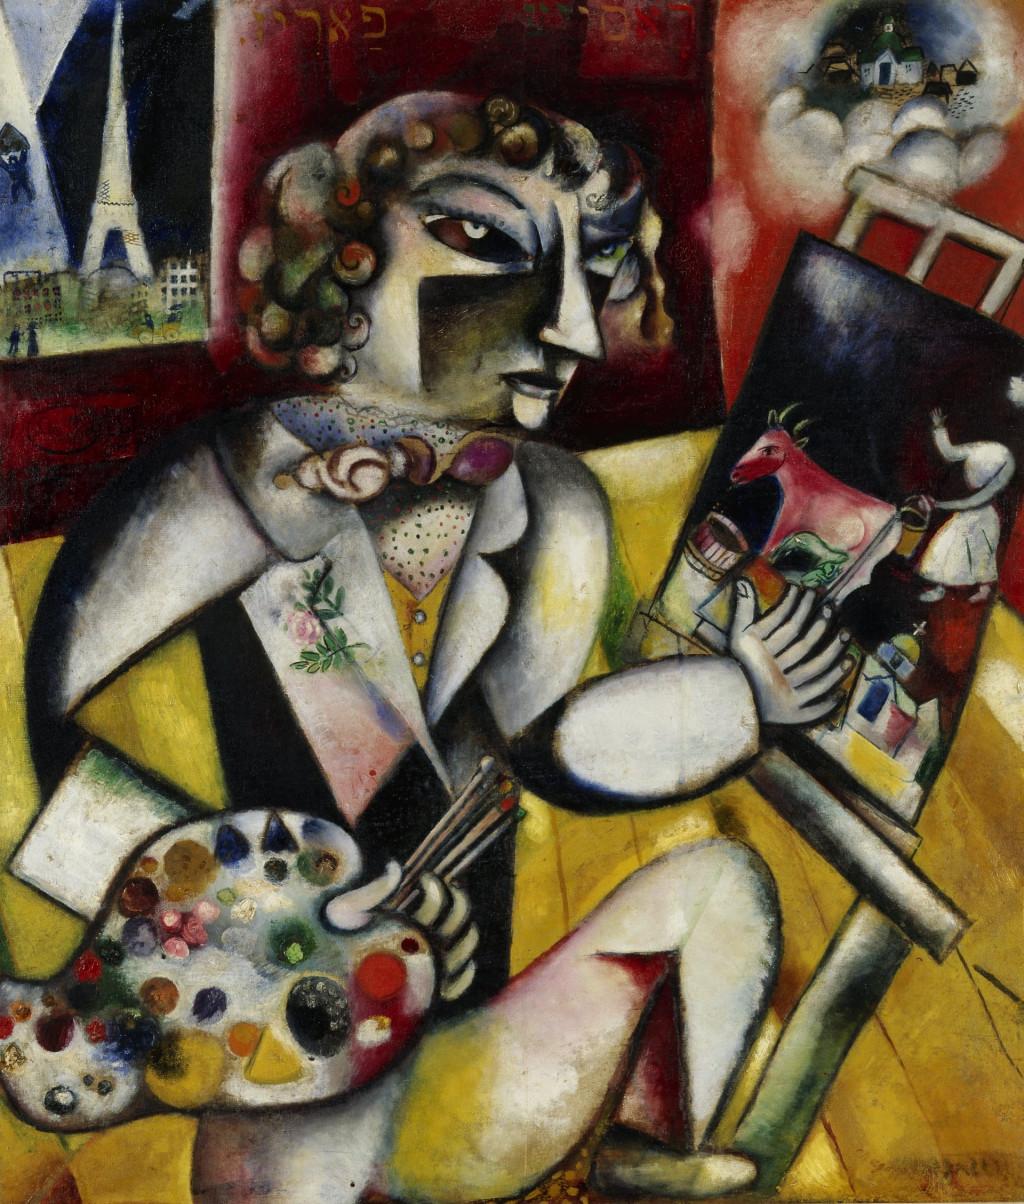 Marc Chagall, 'Zelfportret met zeven vingers', 1912-13